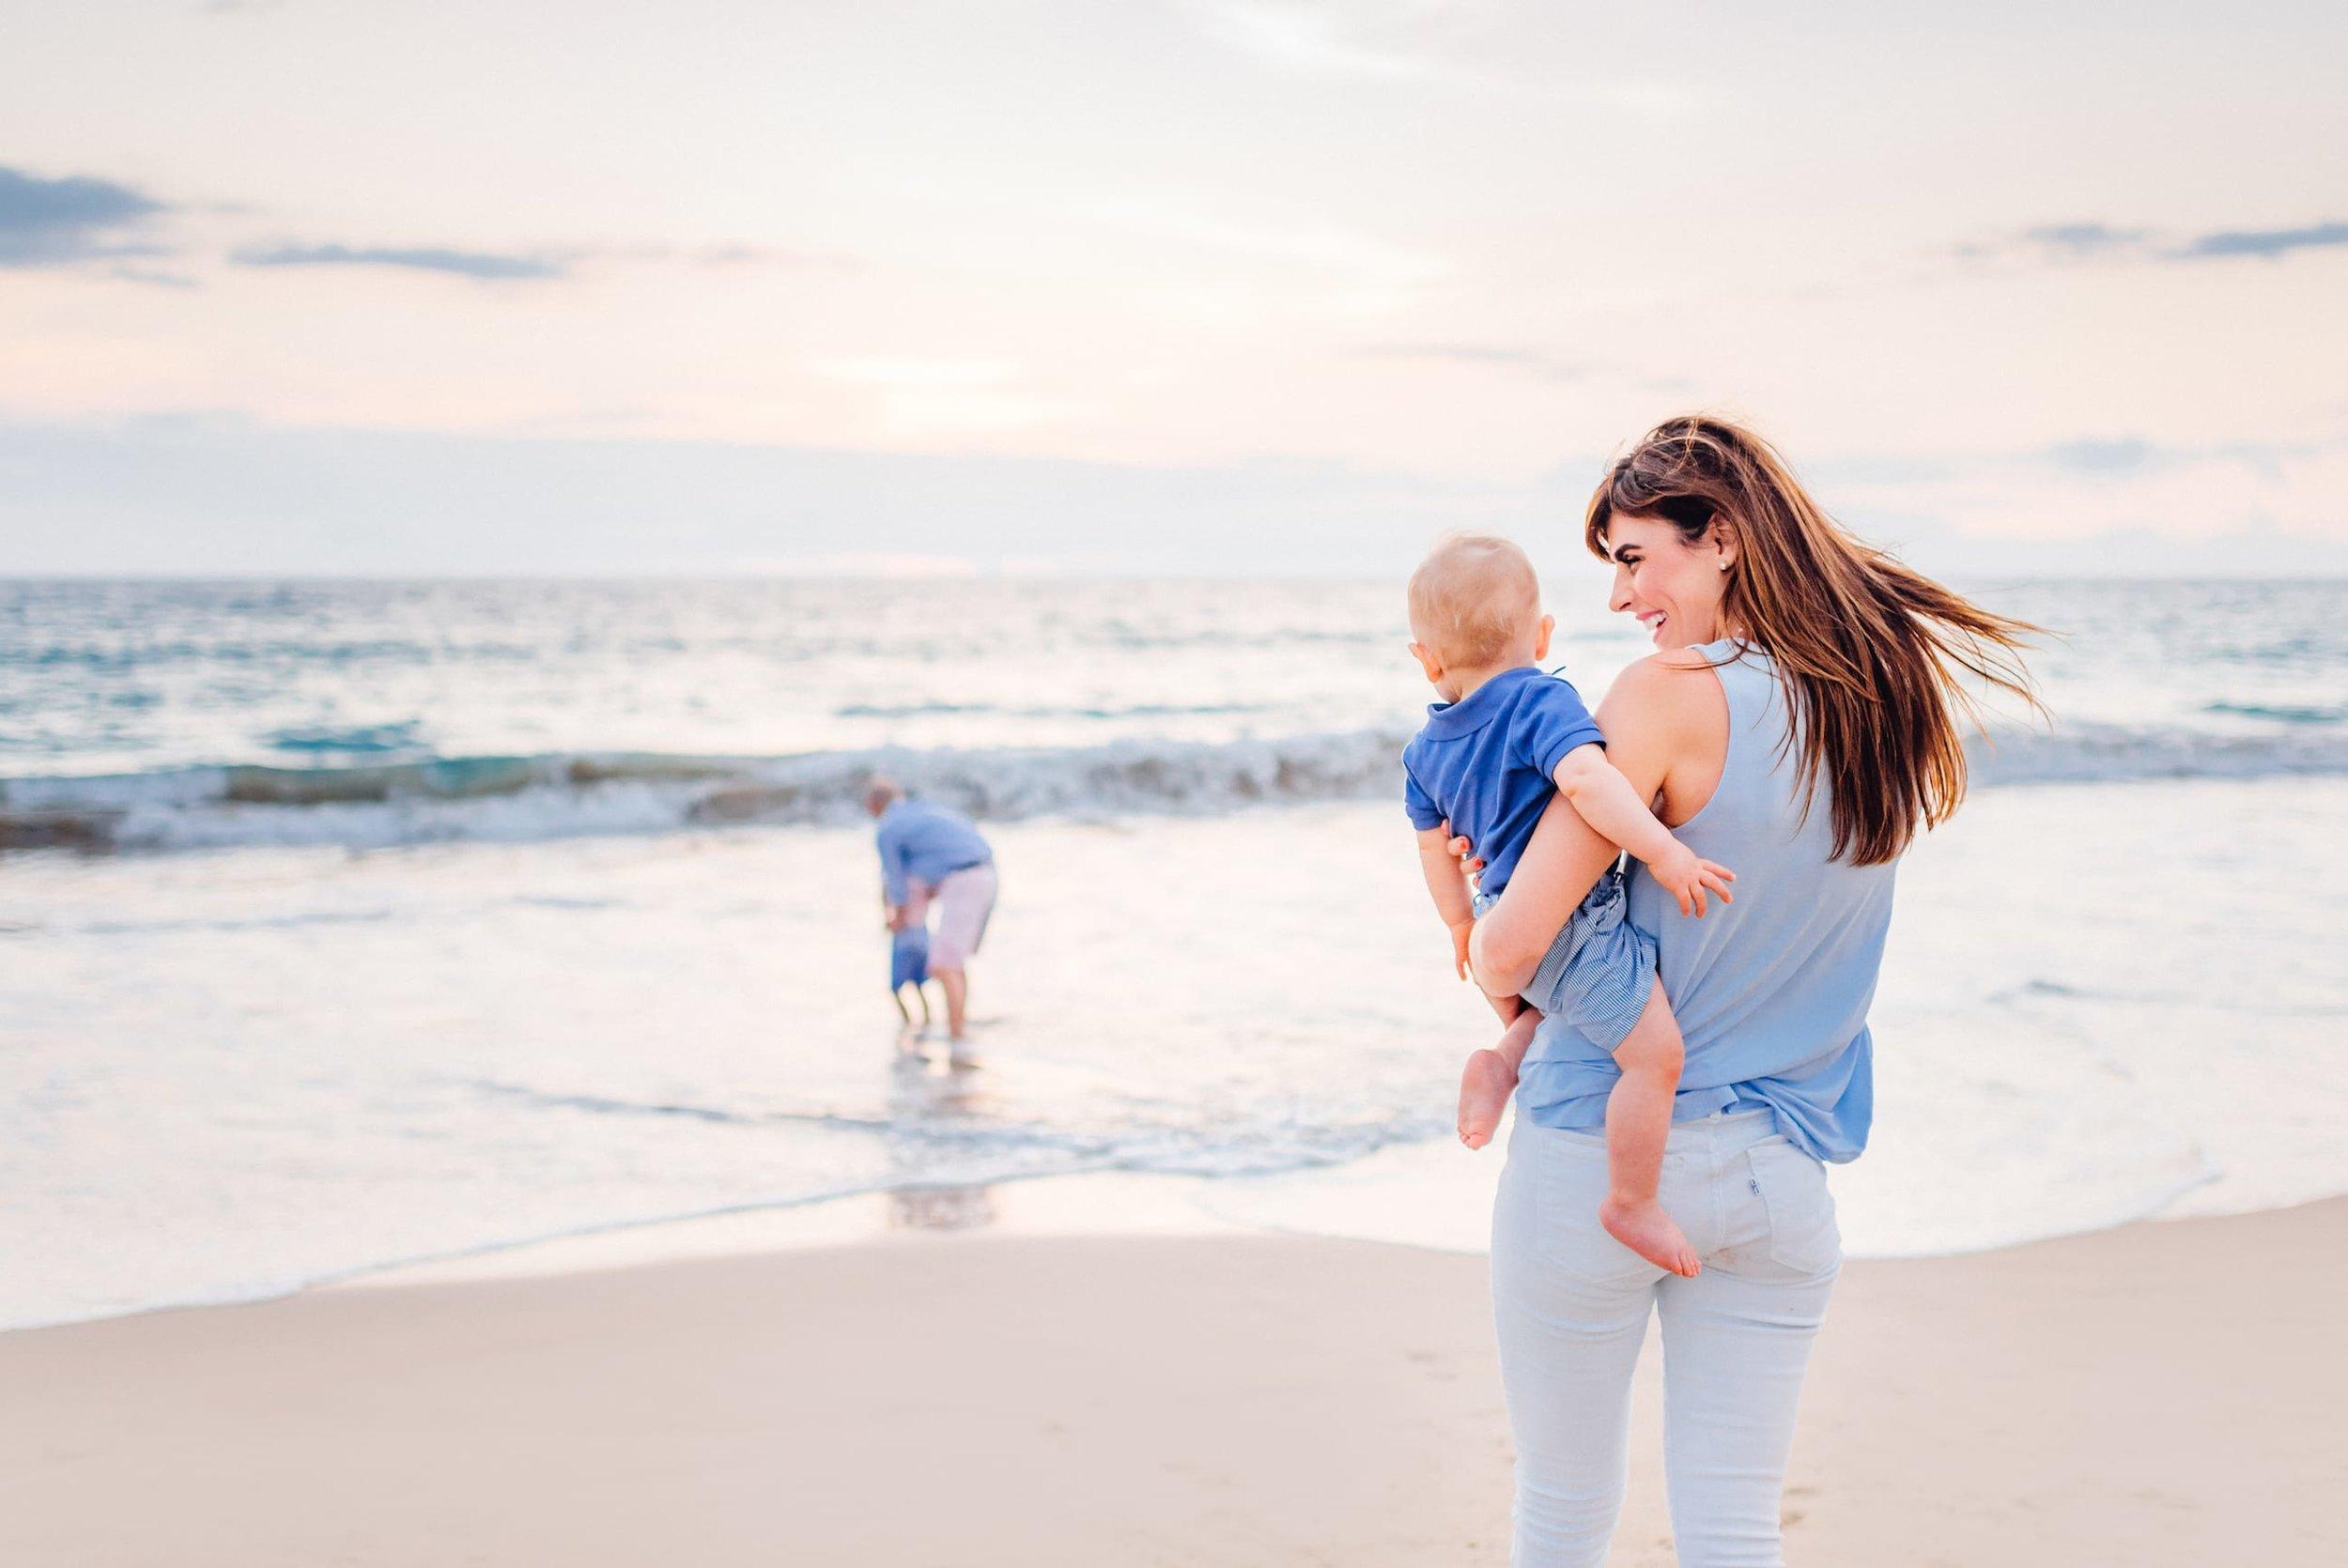 Waikoloa-Family-Vacation-Photographer-09.jpg